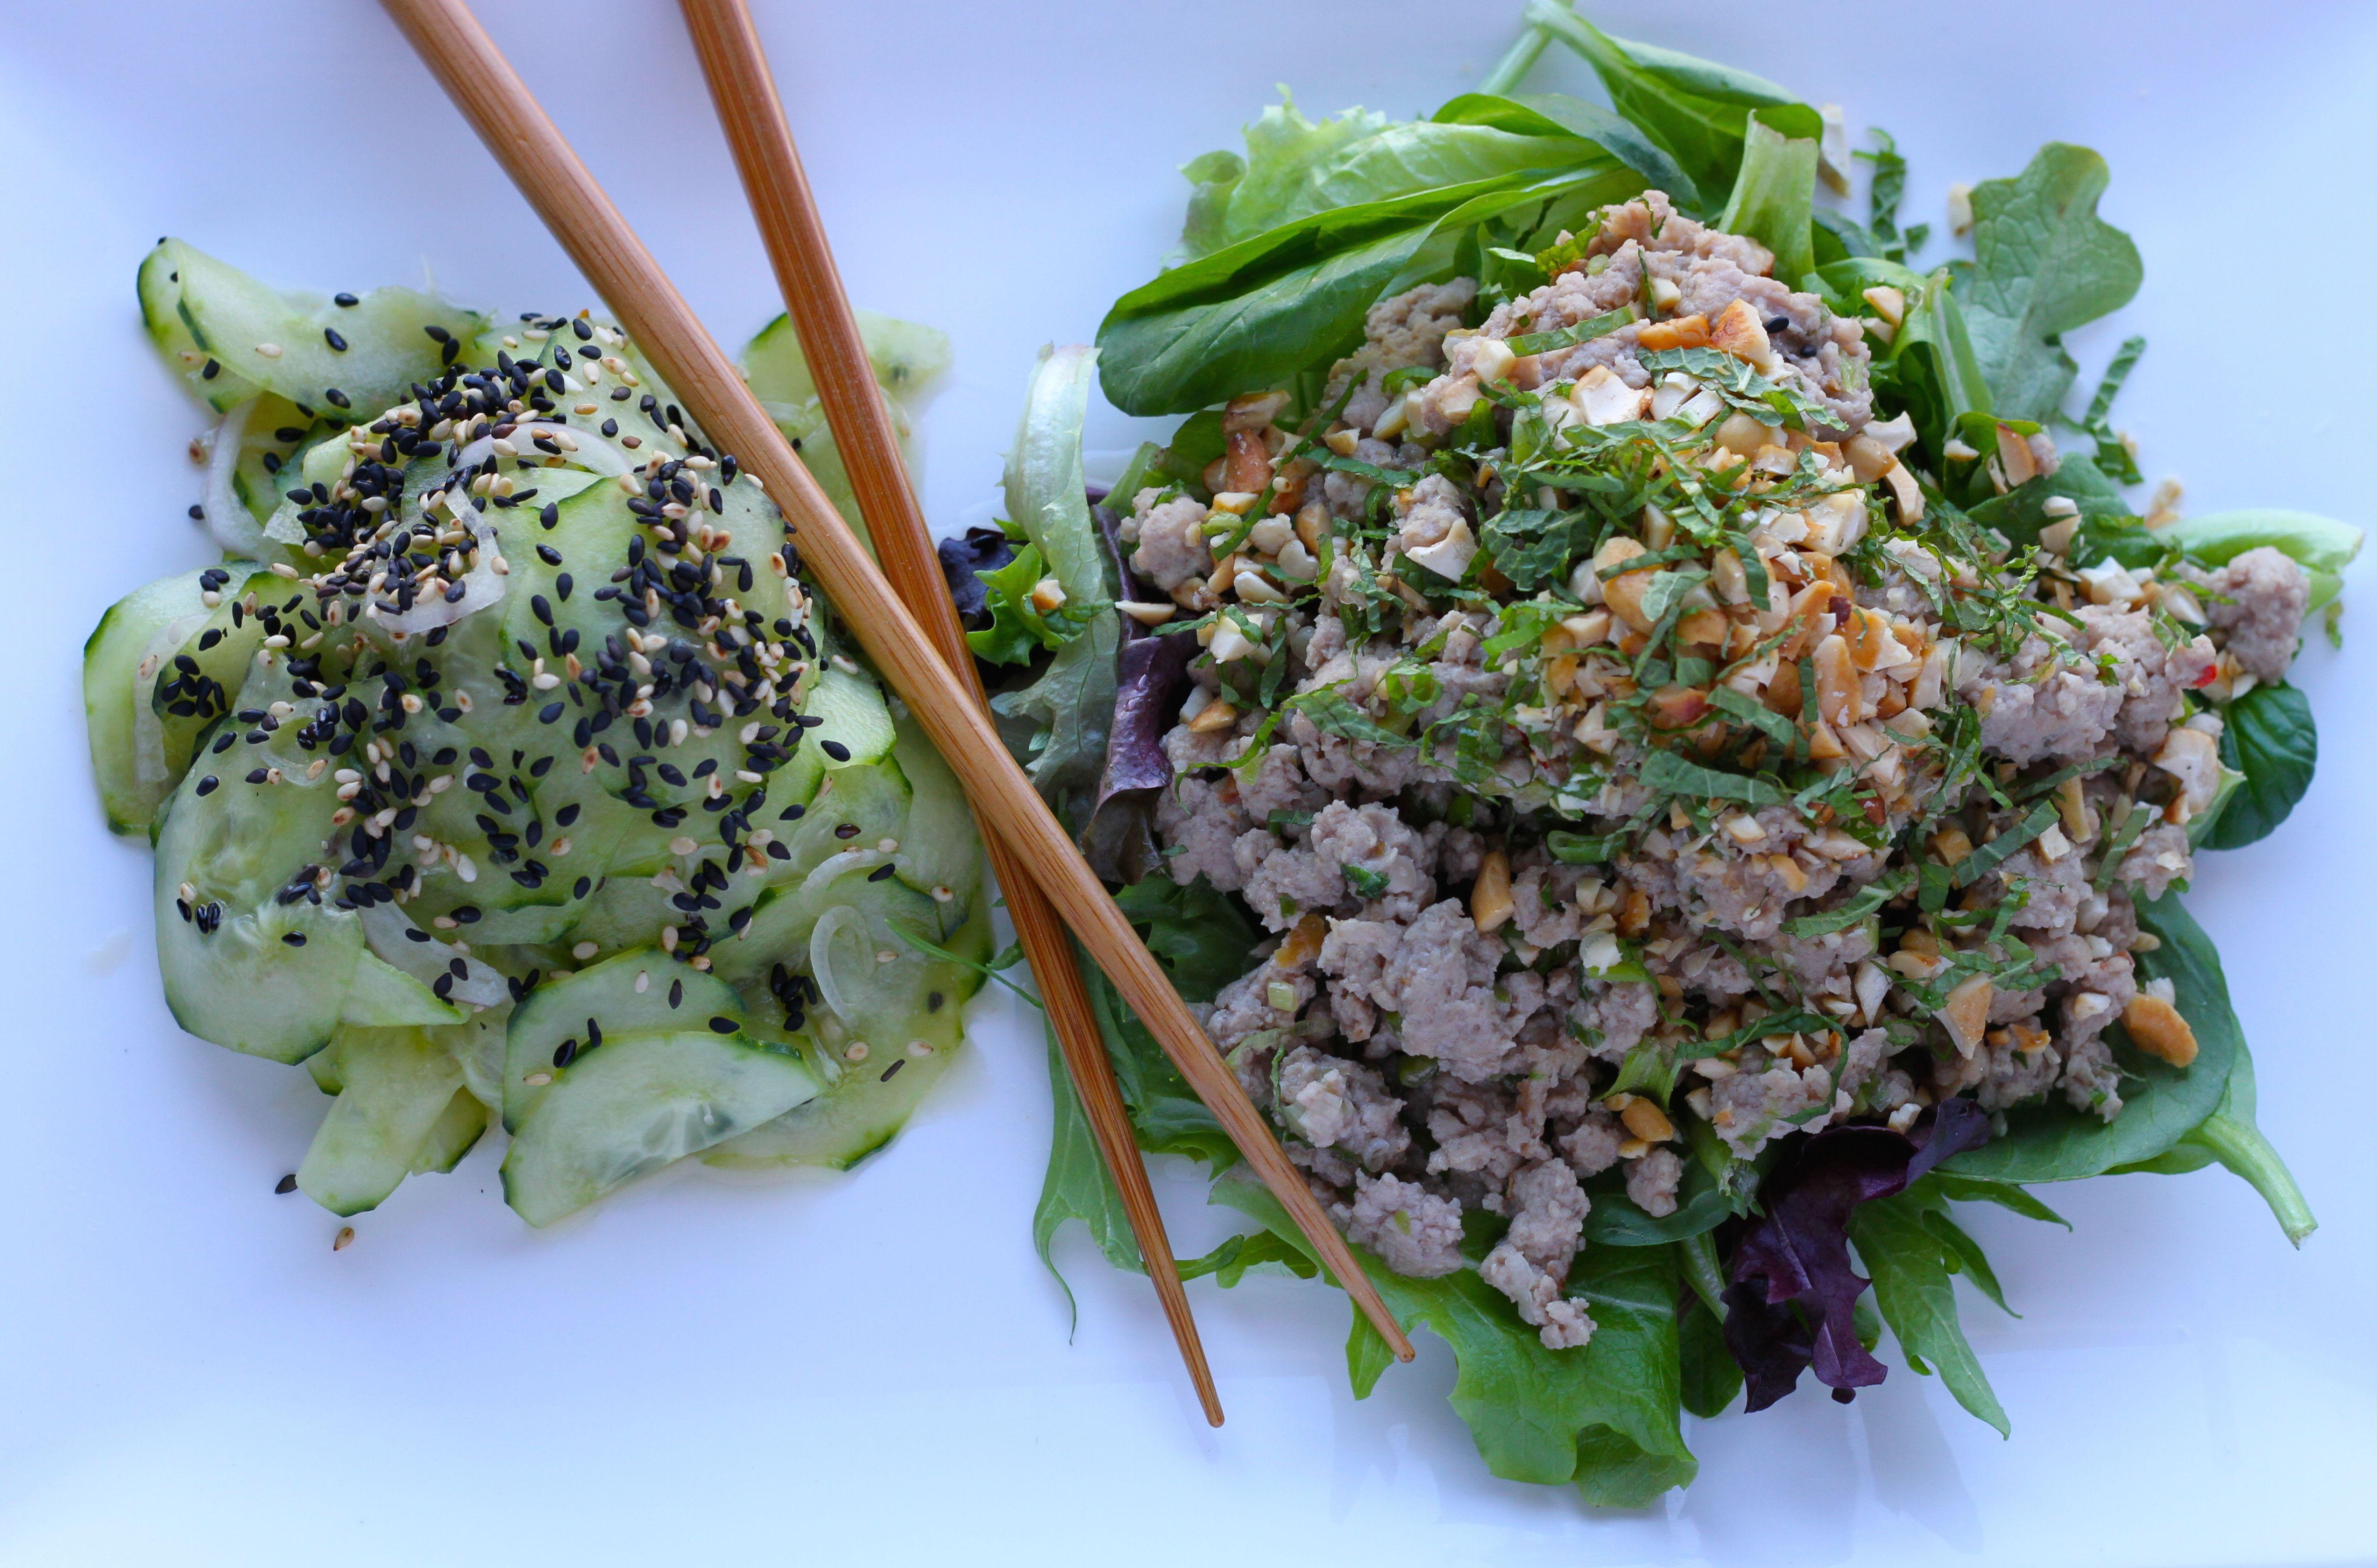 pork-salad-2-.jpg 5,090×3,358 pixels